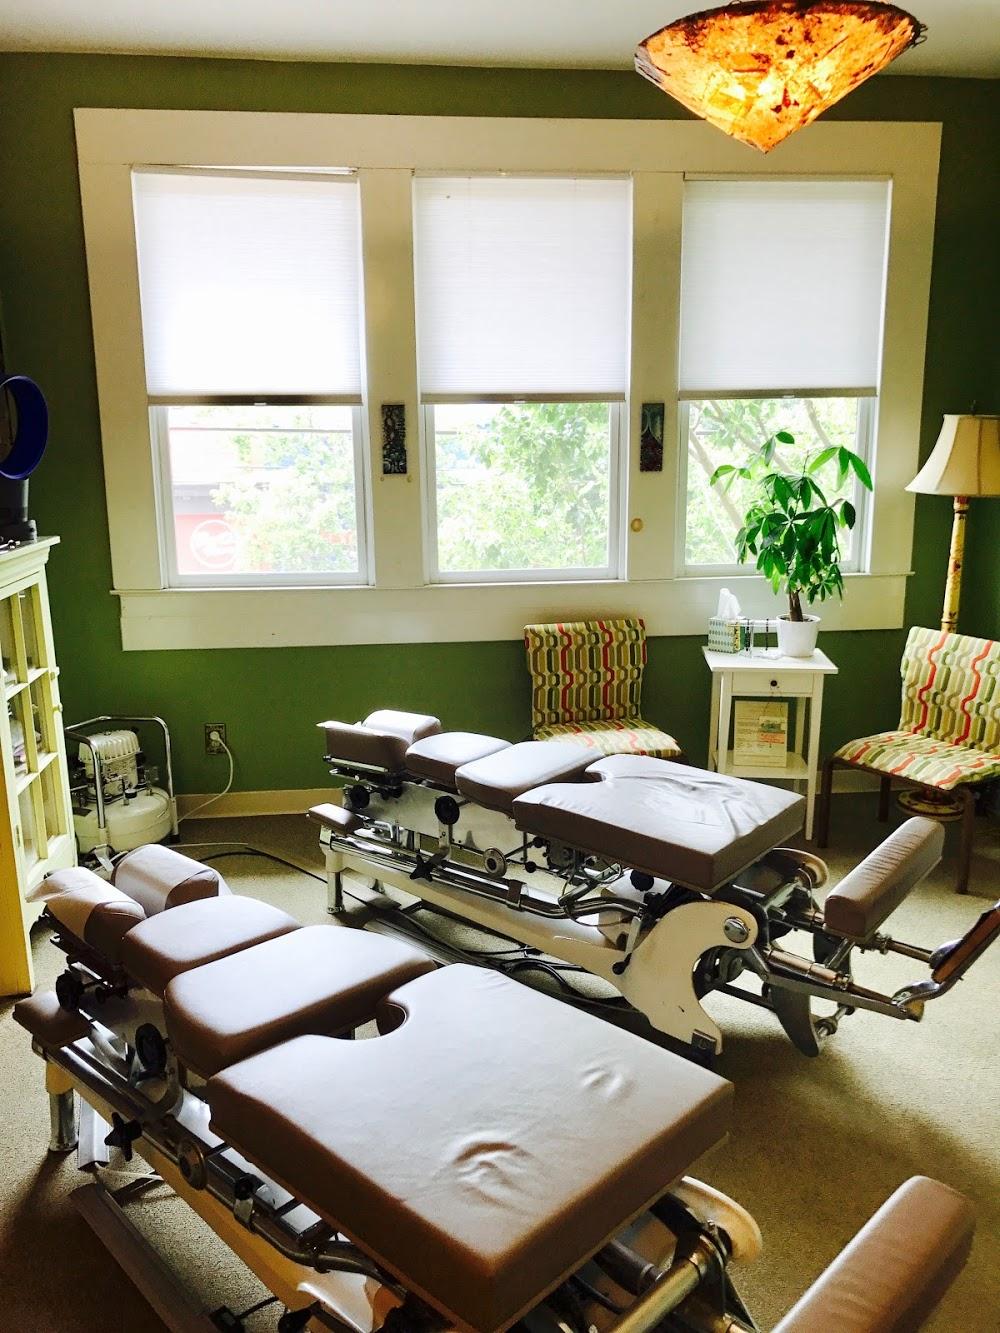 Dr. William Hatten – Chiropractor